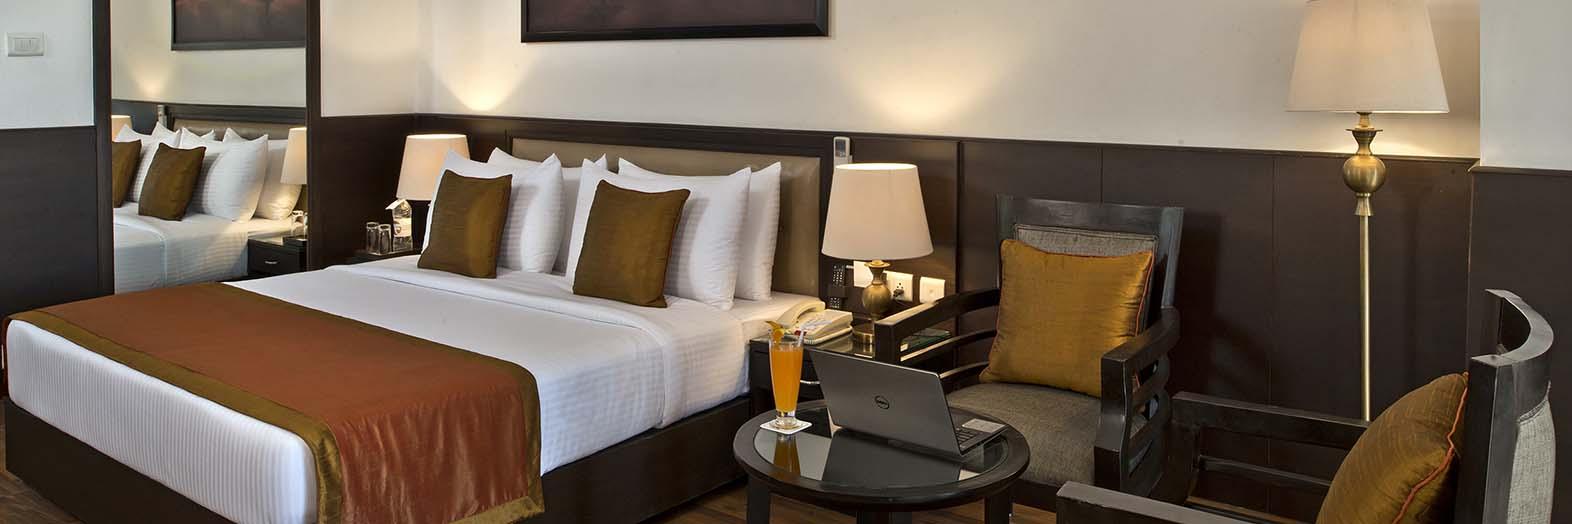 Fortune Park Moksha – Hotels in McLeod Ganj Room